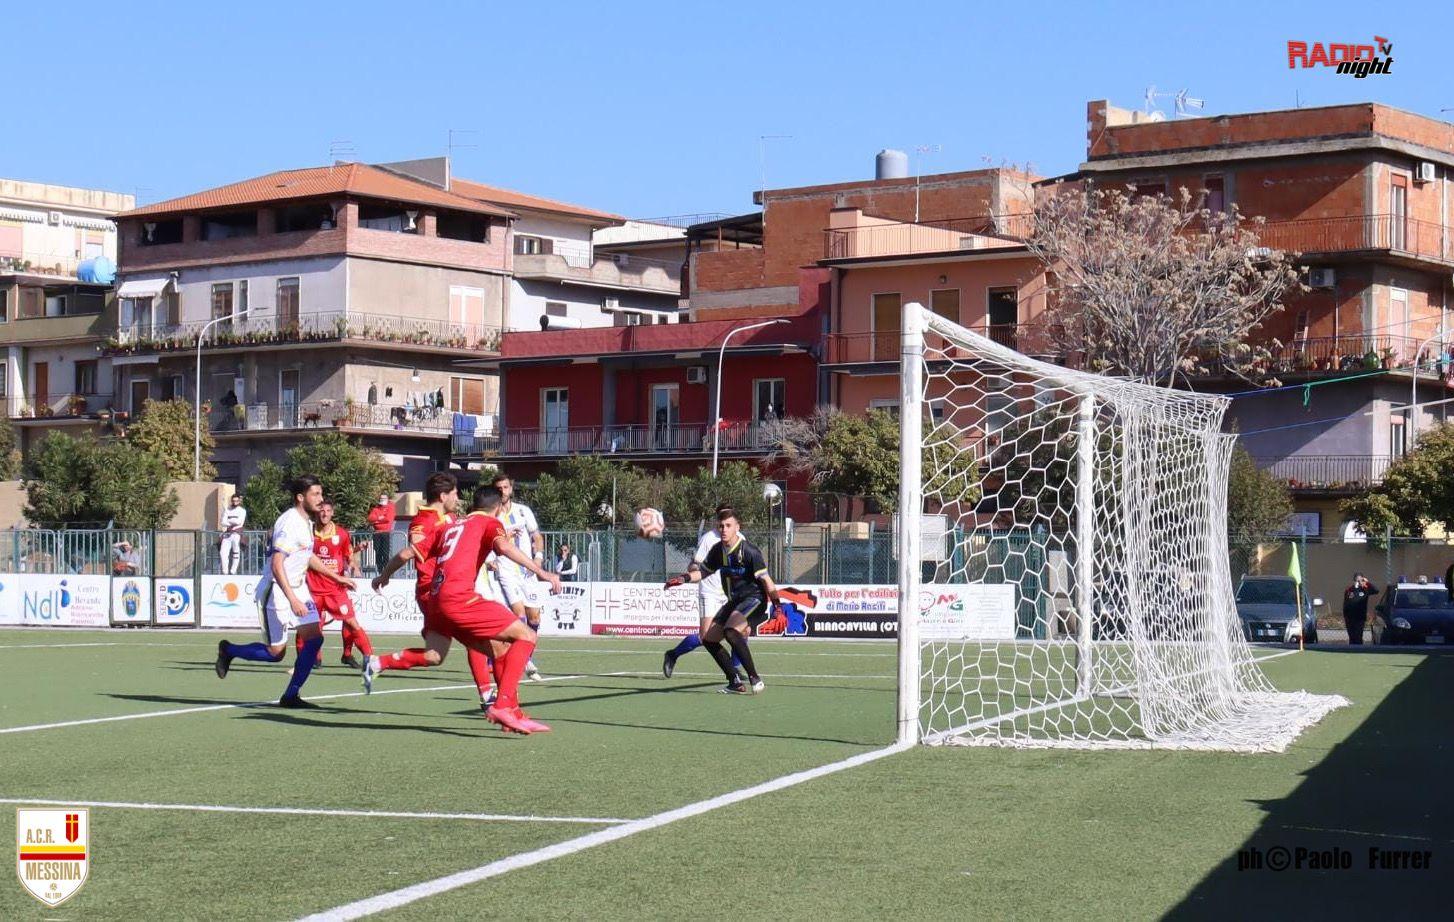 CALCIO SERIE D – Primi tempi: Acr Messina sull'1-1 a Biancavilla. Fc Messina avanti 2-1 sul Dattilo